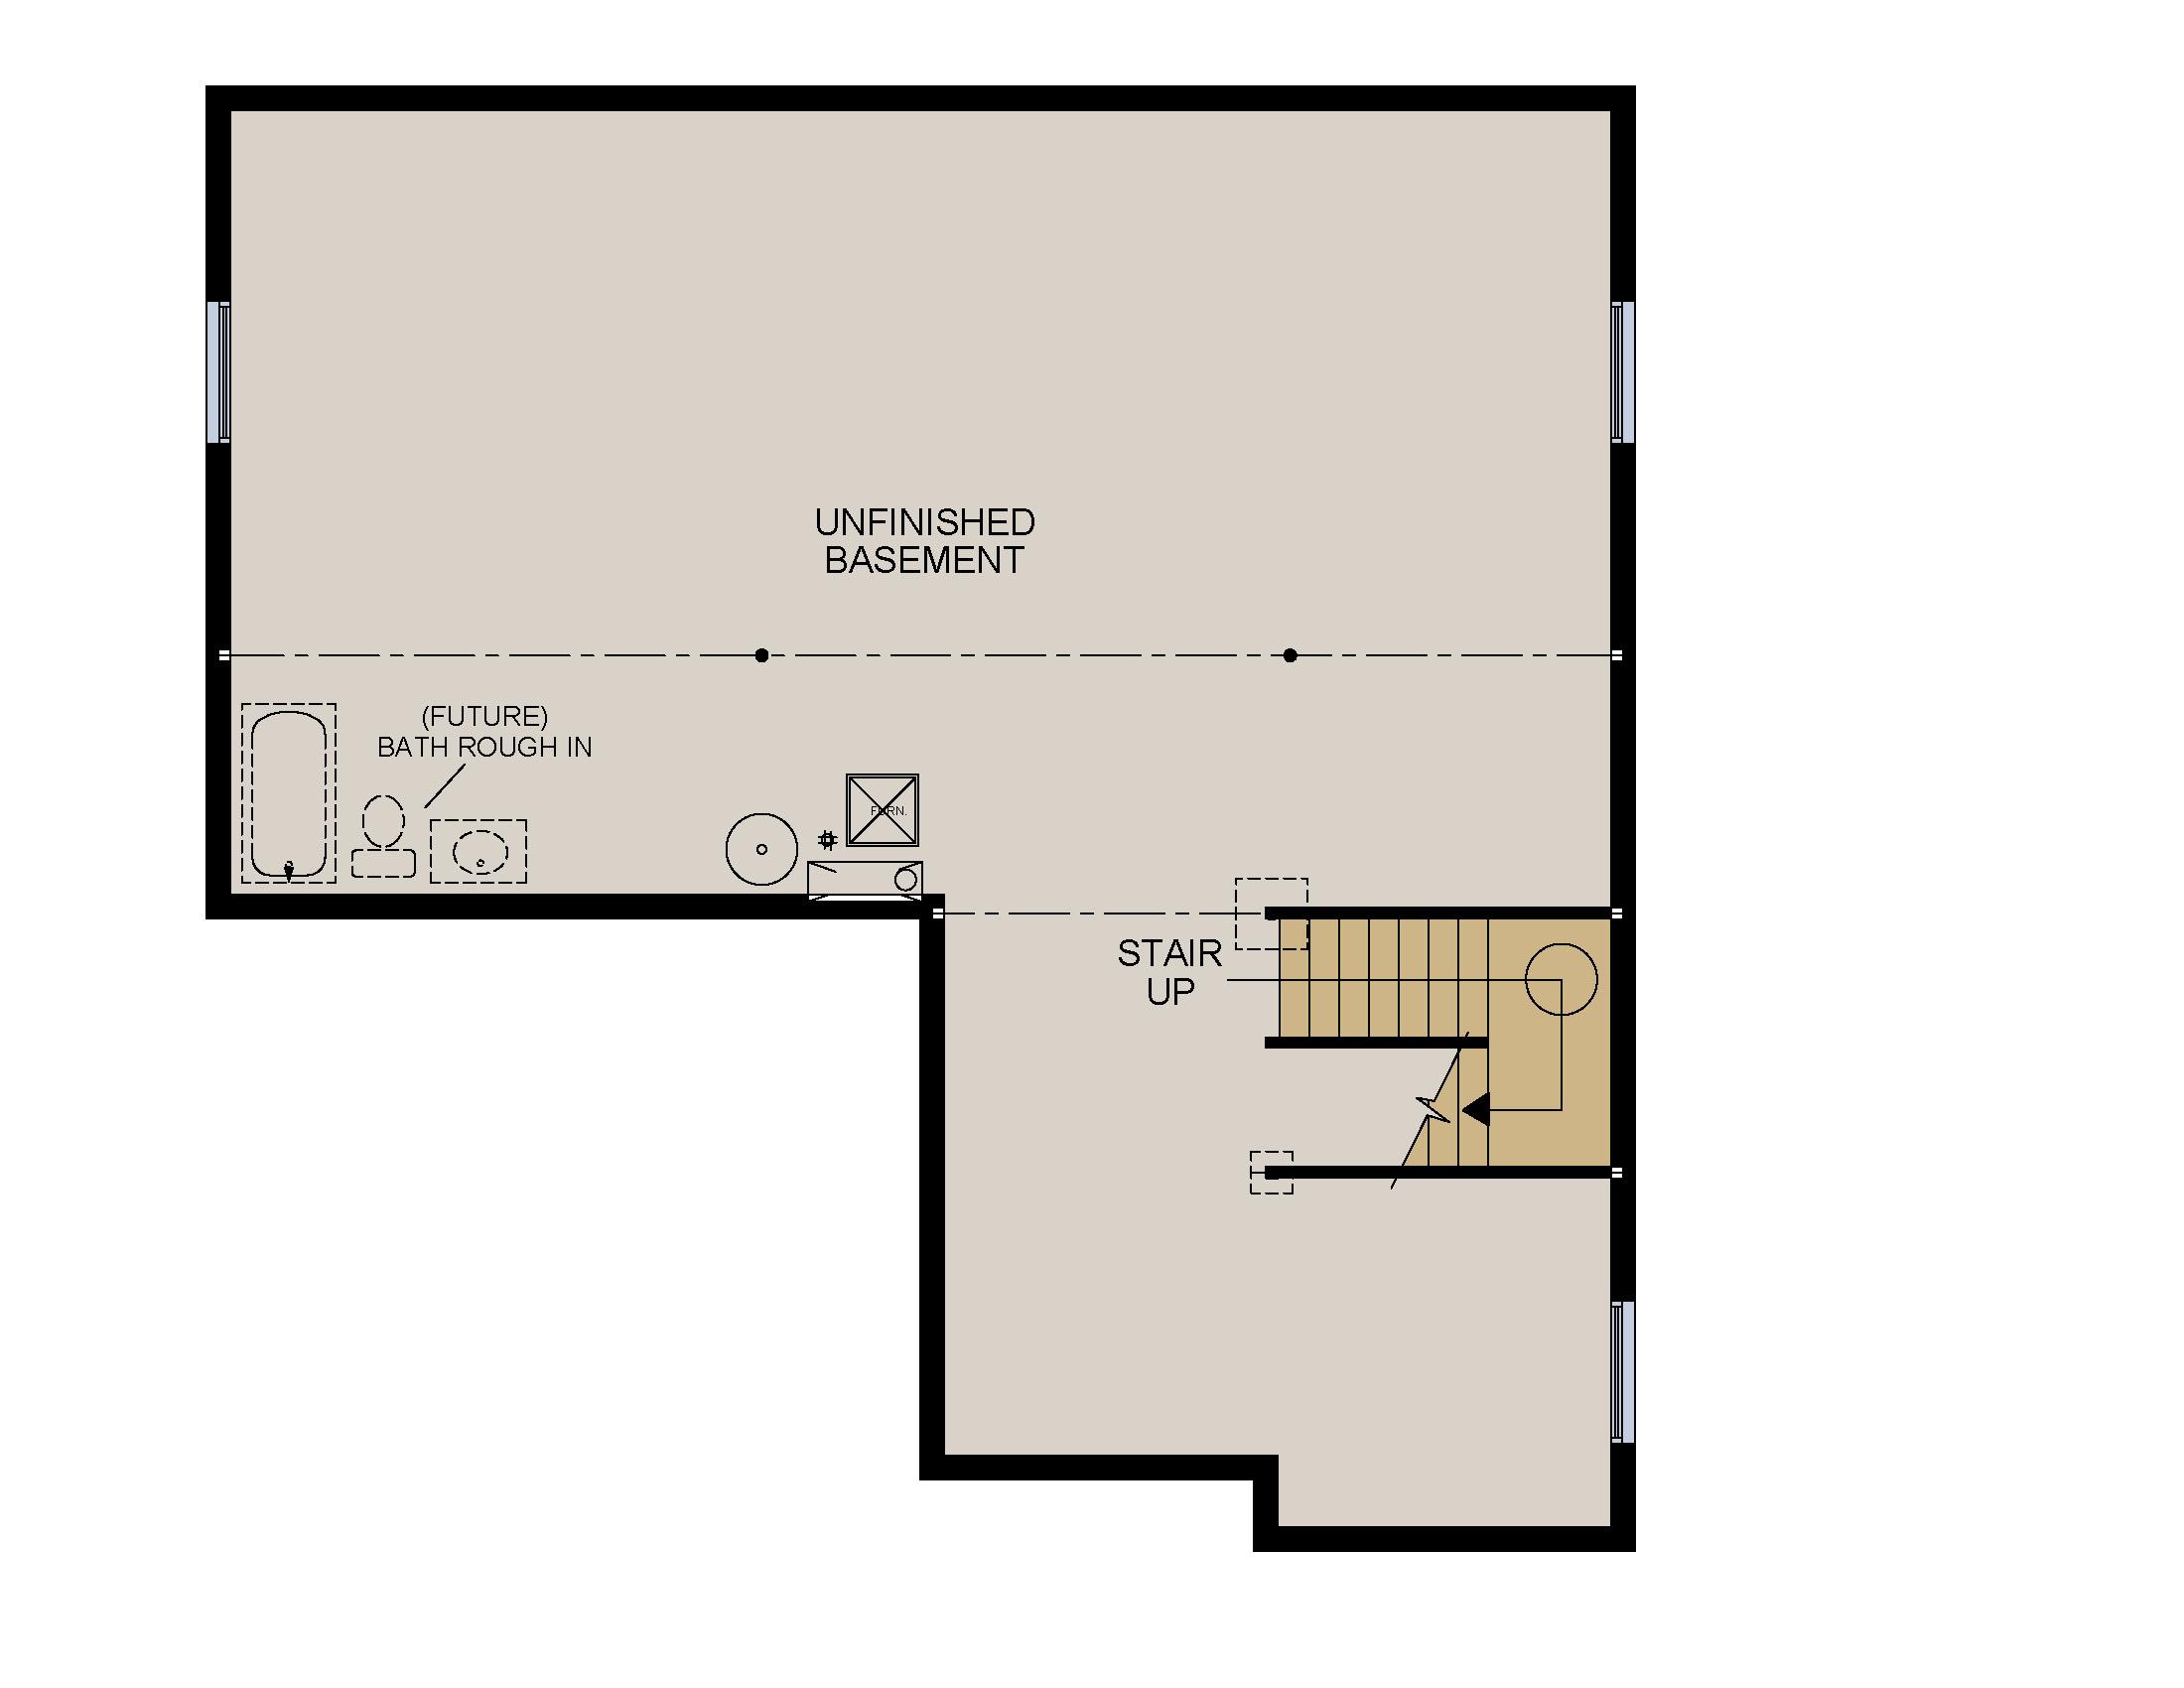 2013kirkland-basementplan.jpg